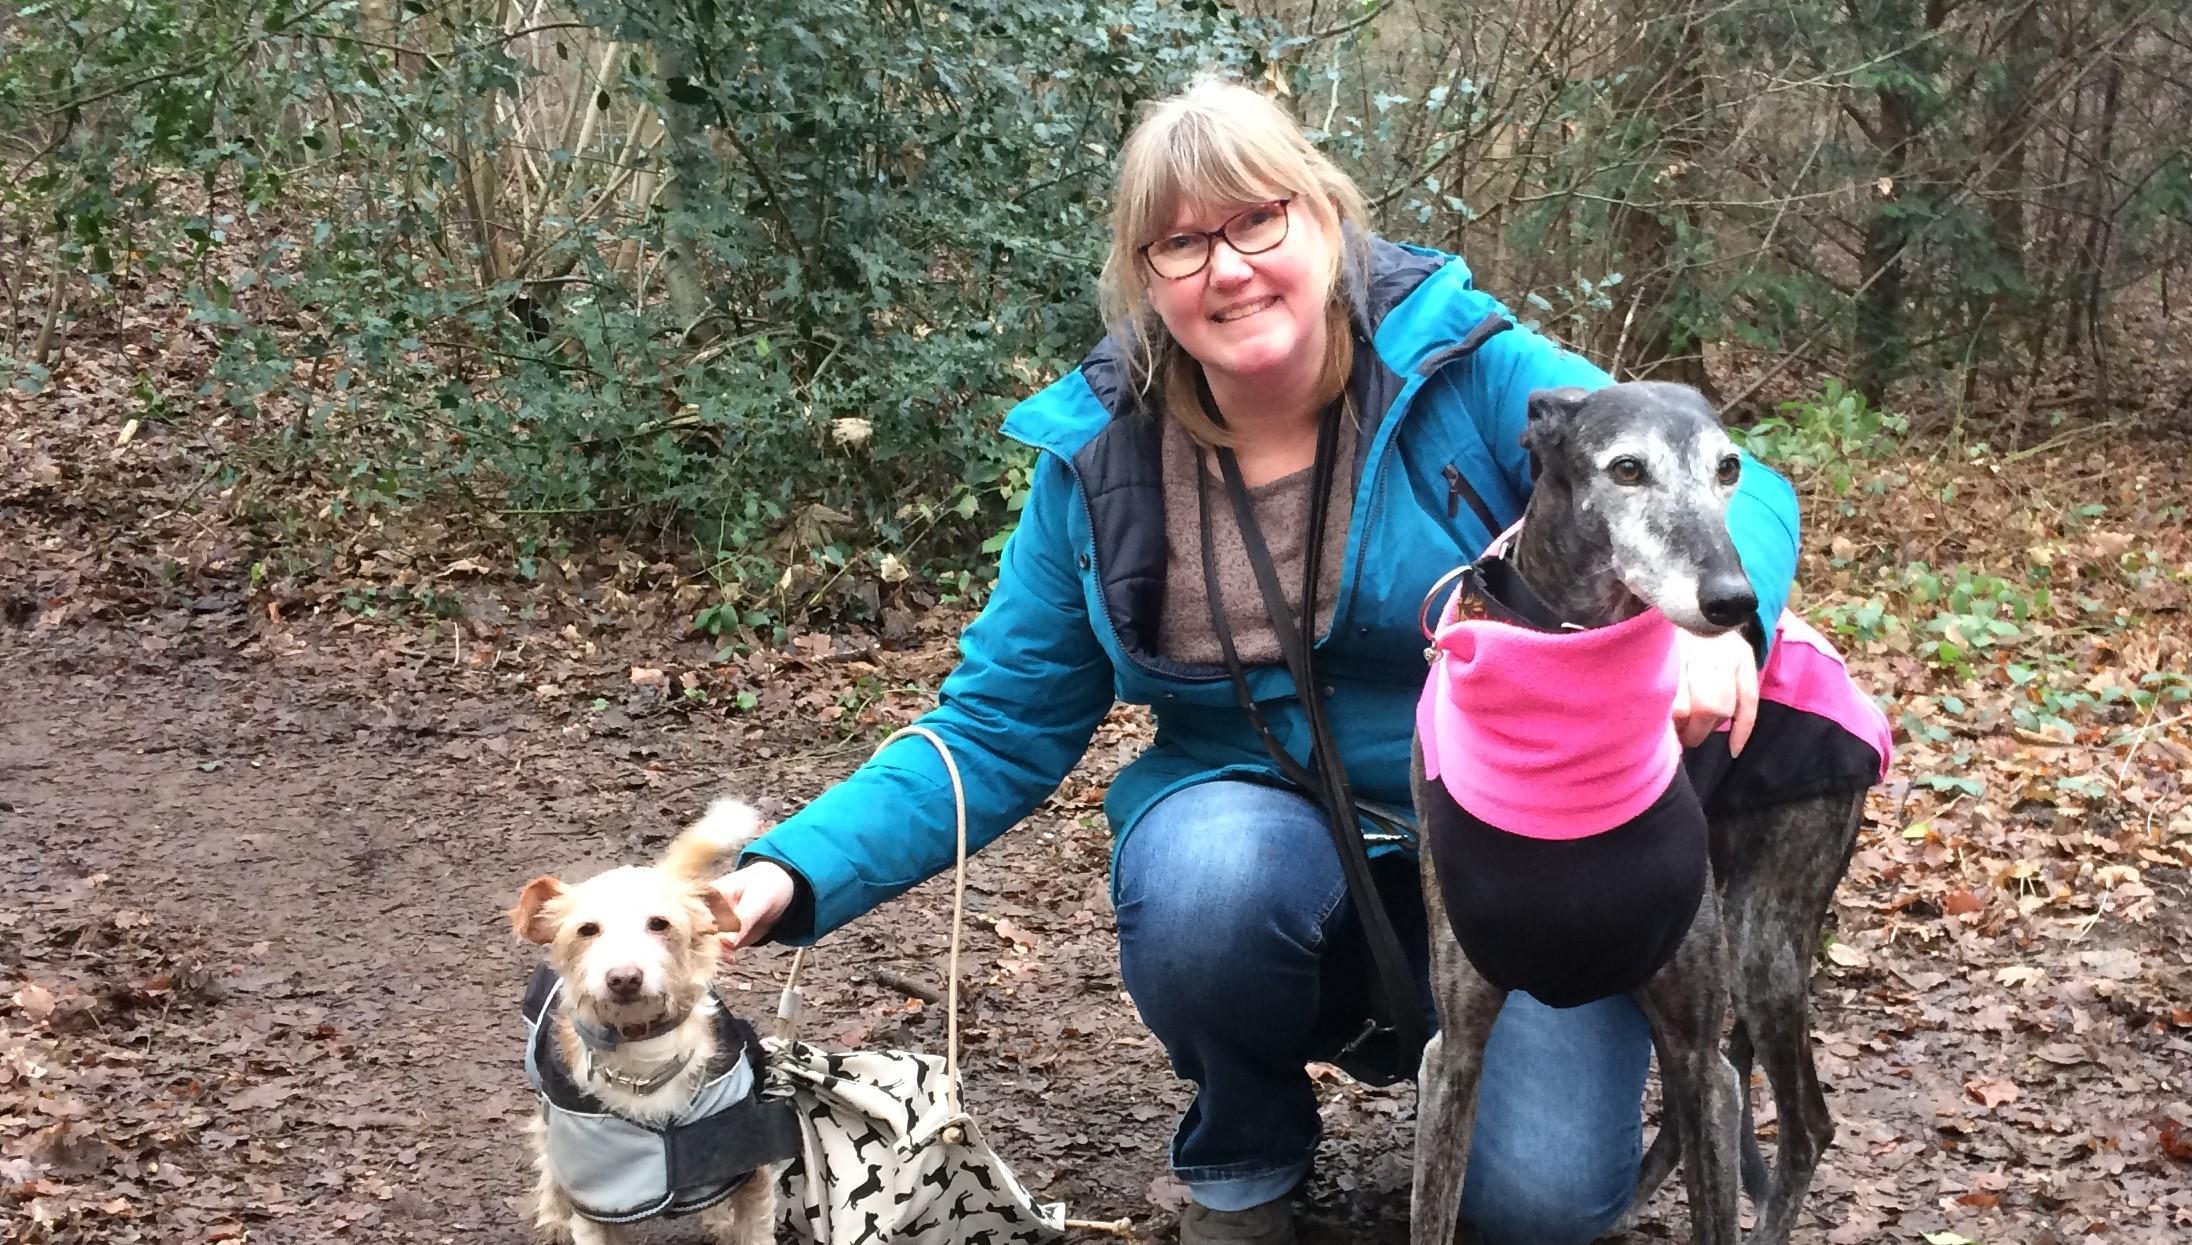 Katie en Callum houden Natasja op de been: 'Met een hond moet je eruit en loop je nooit alleen'